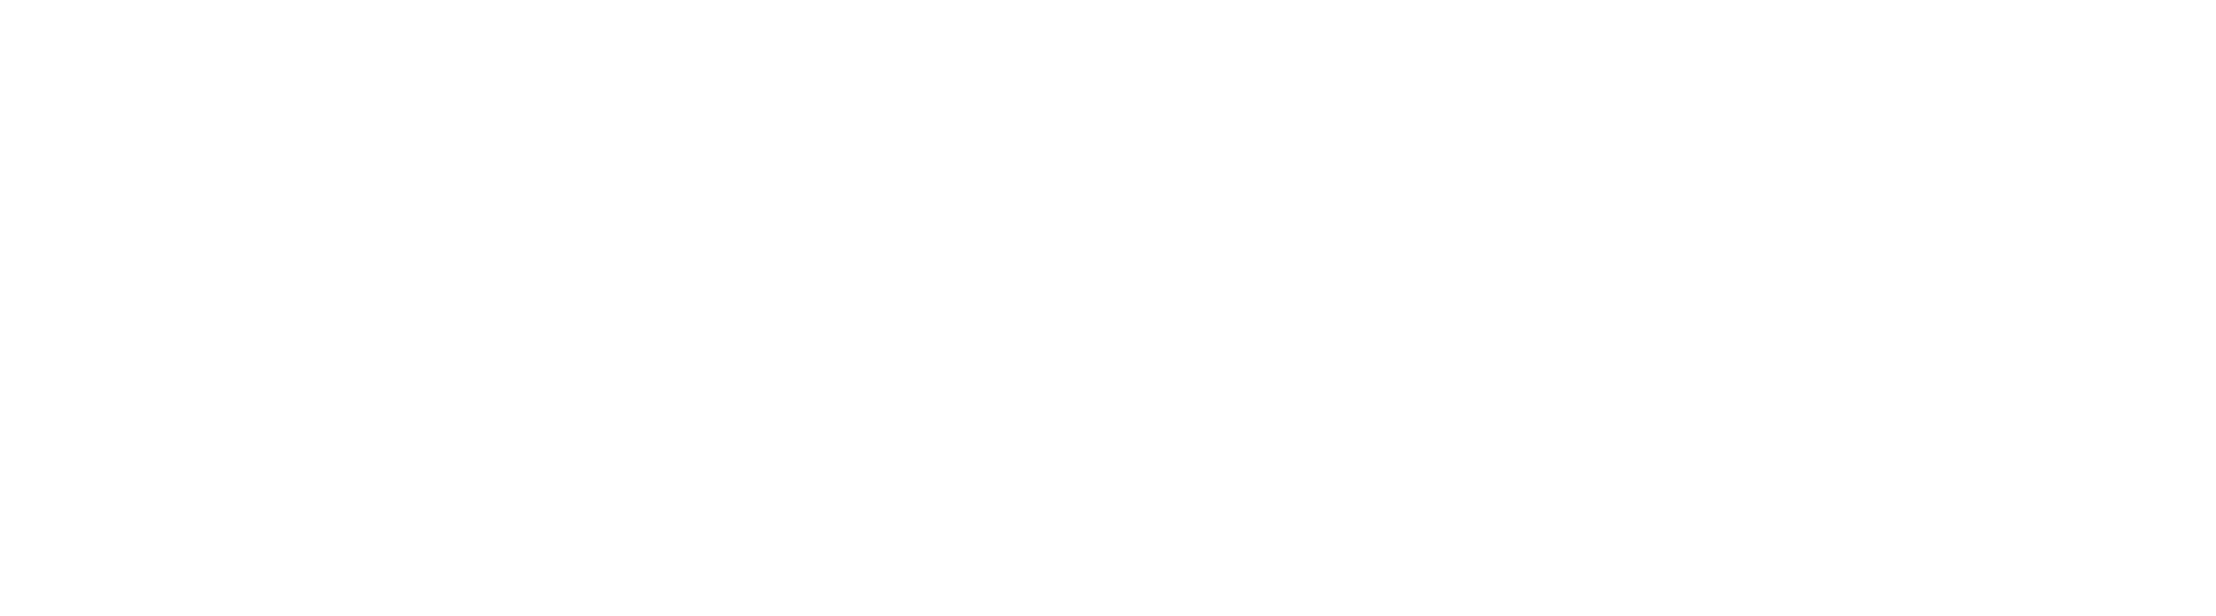 Miranda Investor Relations